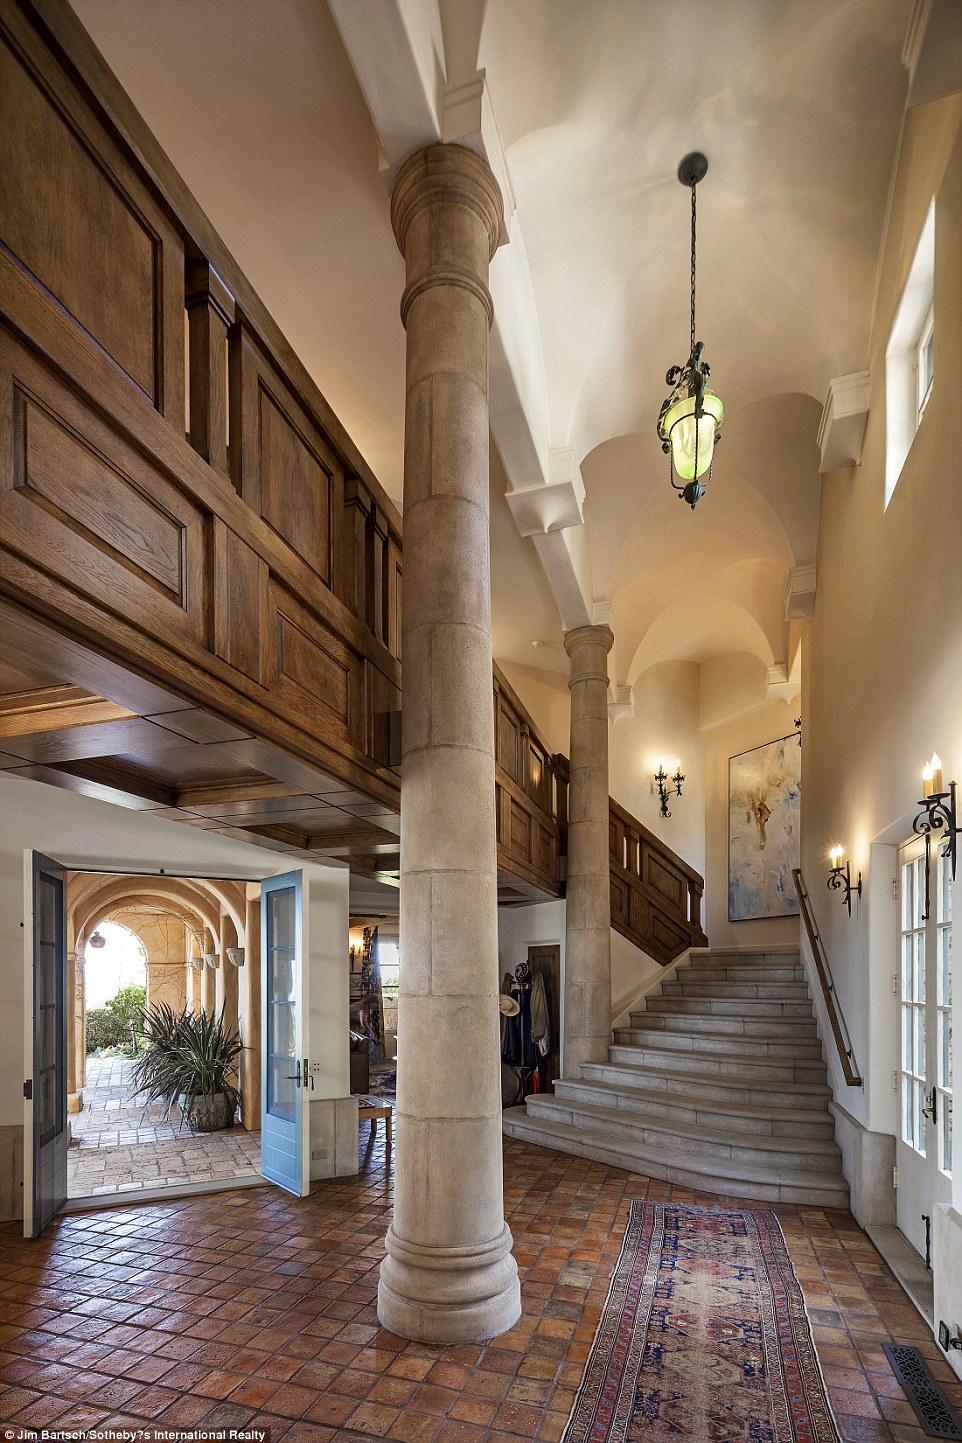 Jeff Bridges lists his Montecito villa for 295million